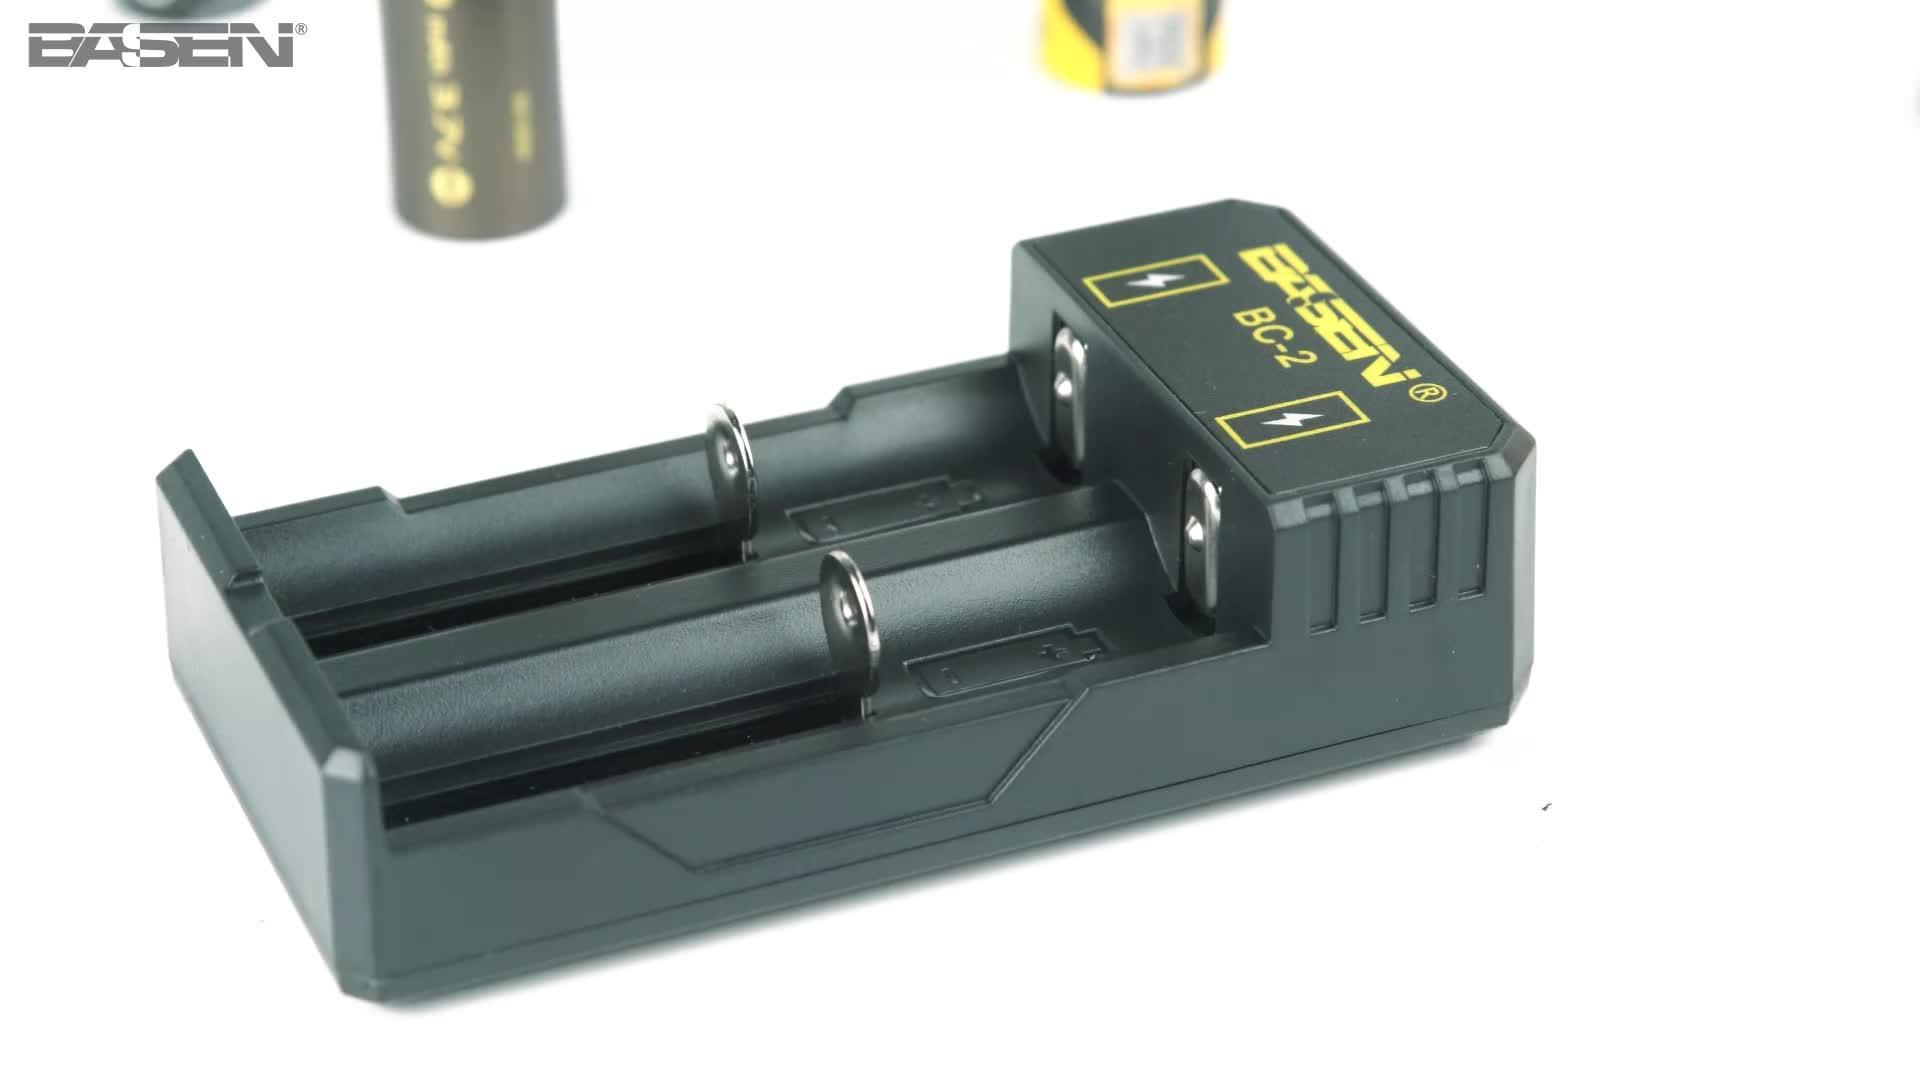 2 年保証 imr 18350 18650 26650 26500 20700 14500 3.7v バッテリー充電器